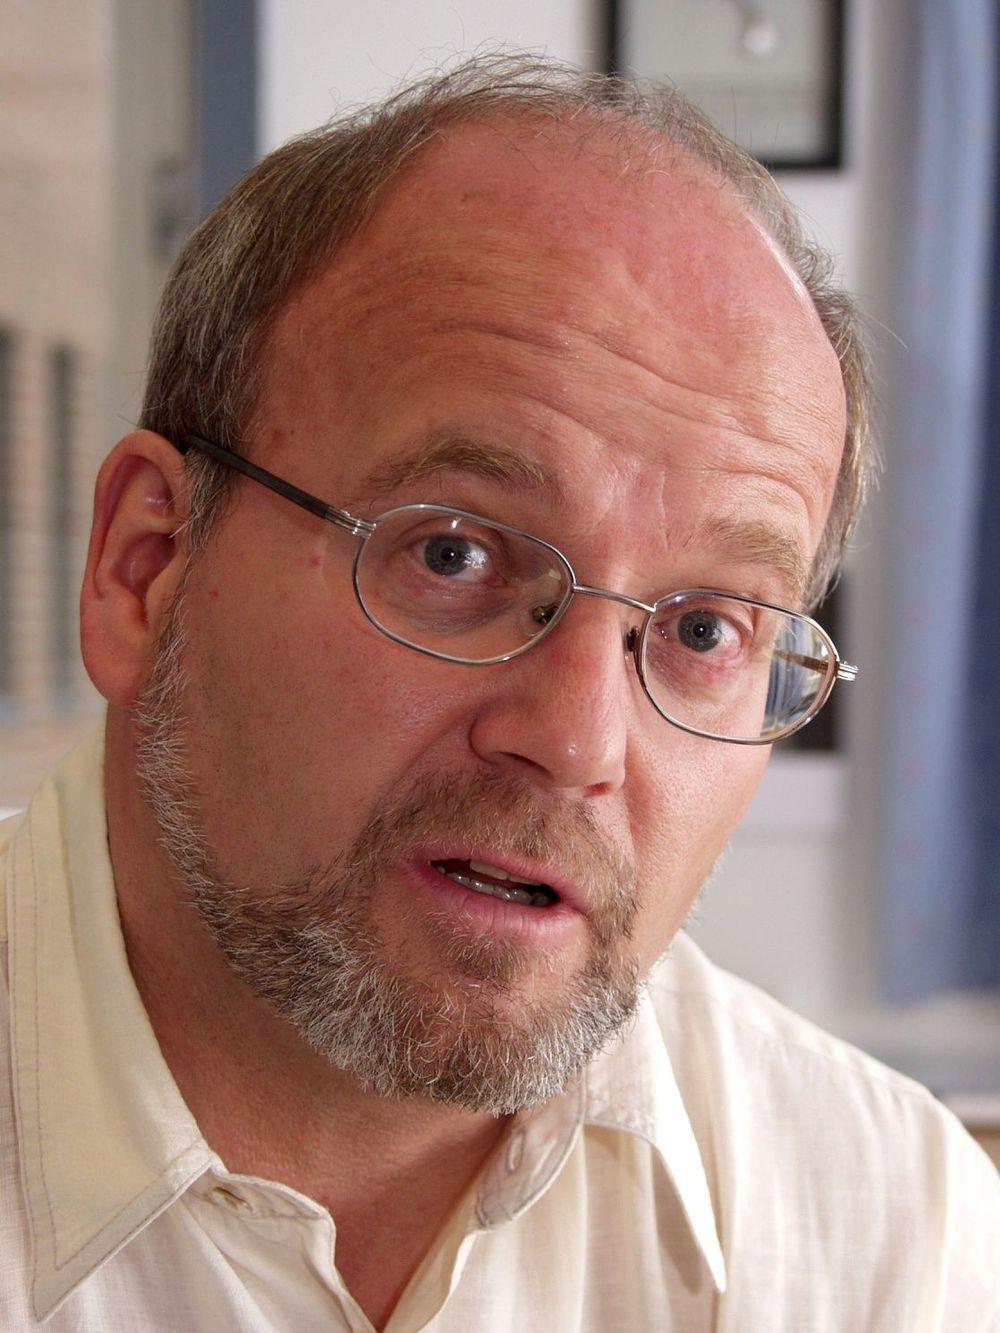 ETTERLYSER VILJE: Rolf Wiborg etterlyser politisk vilje til å gjennomføre CO2-satsing